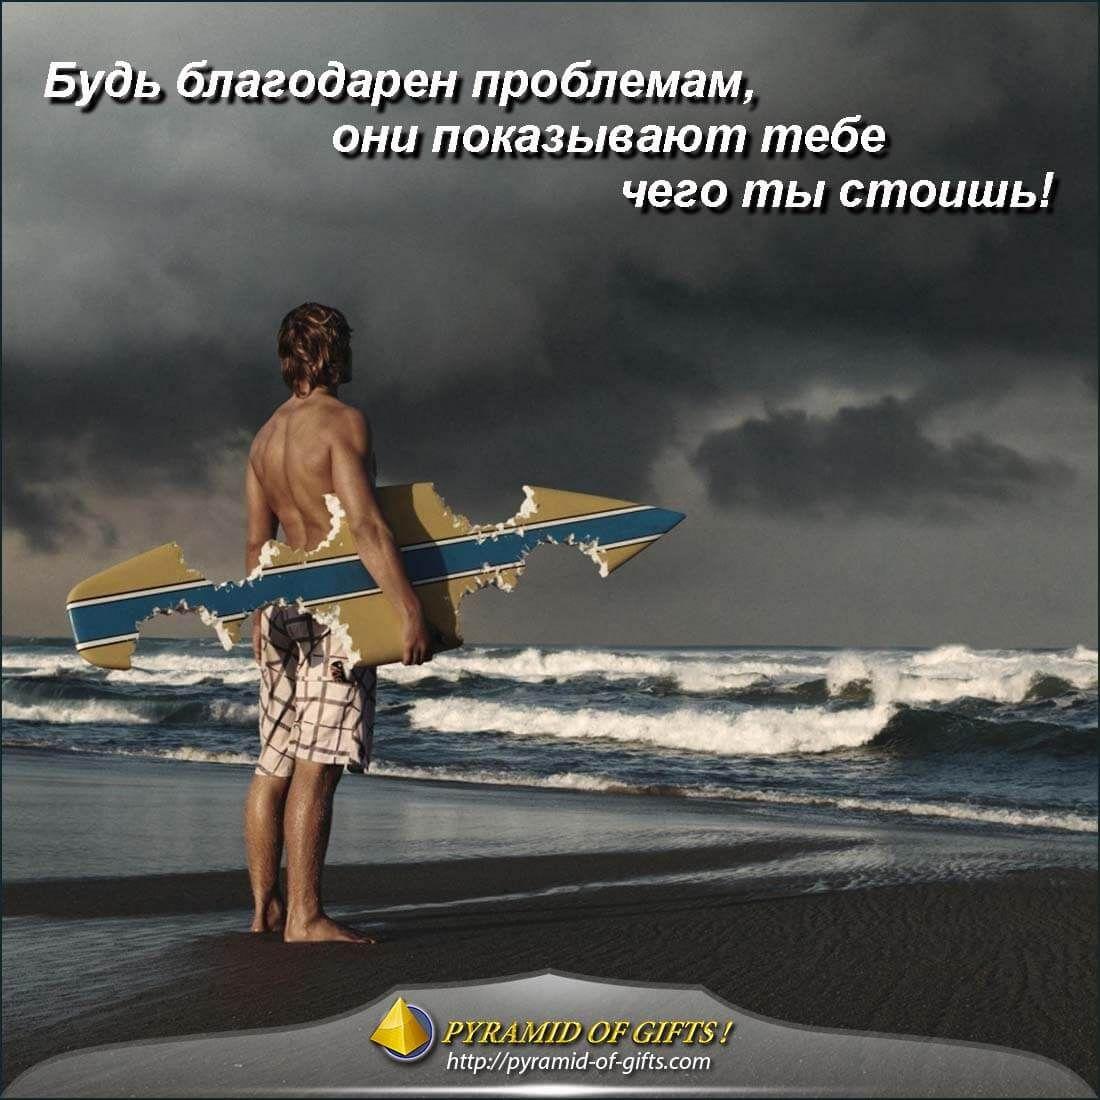 Умные цитаты про жизнь со смыслом | Цитаты, Мотивация ...